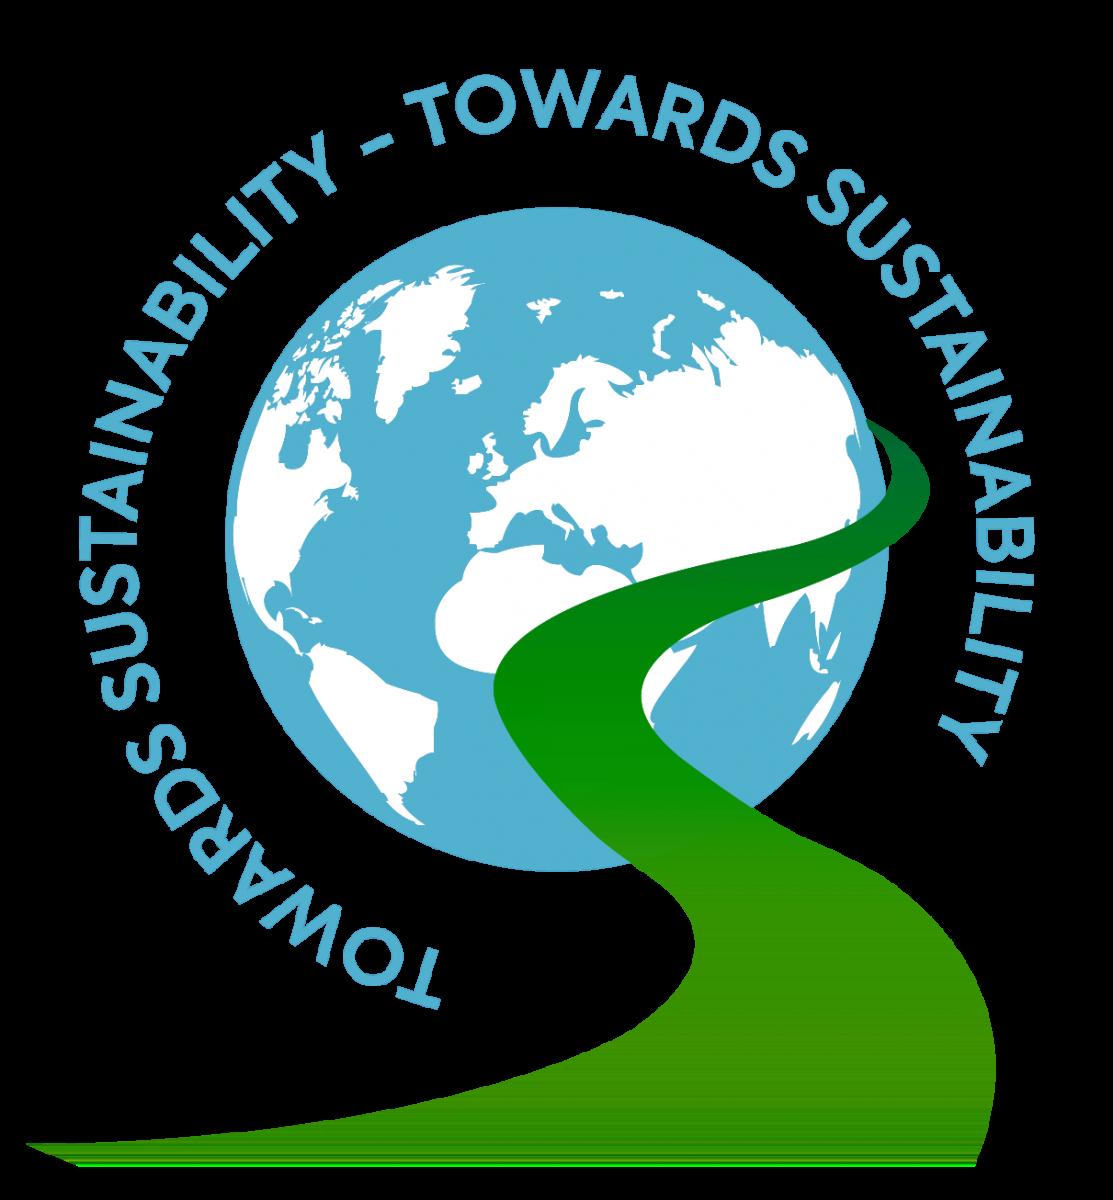 Febelfin geeft 311 fondsen duurzaamheidslabel